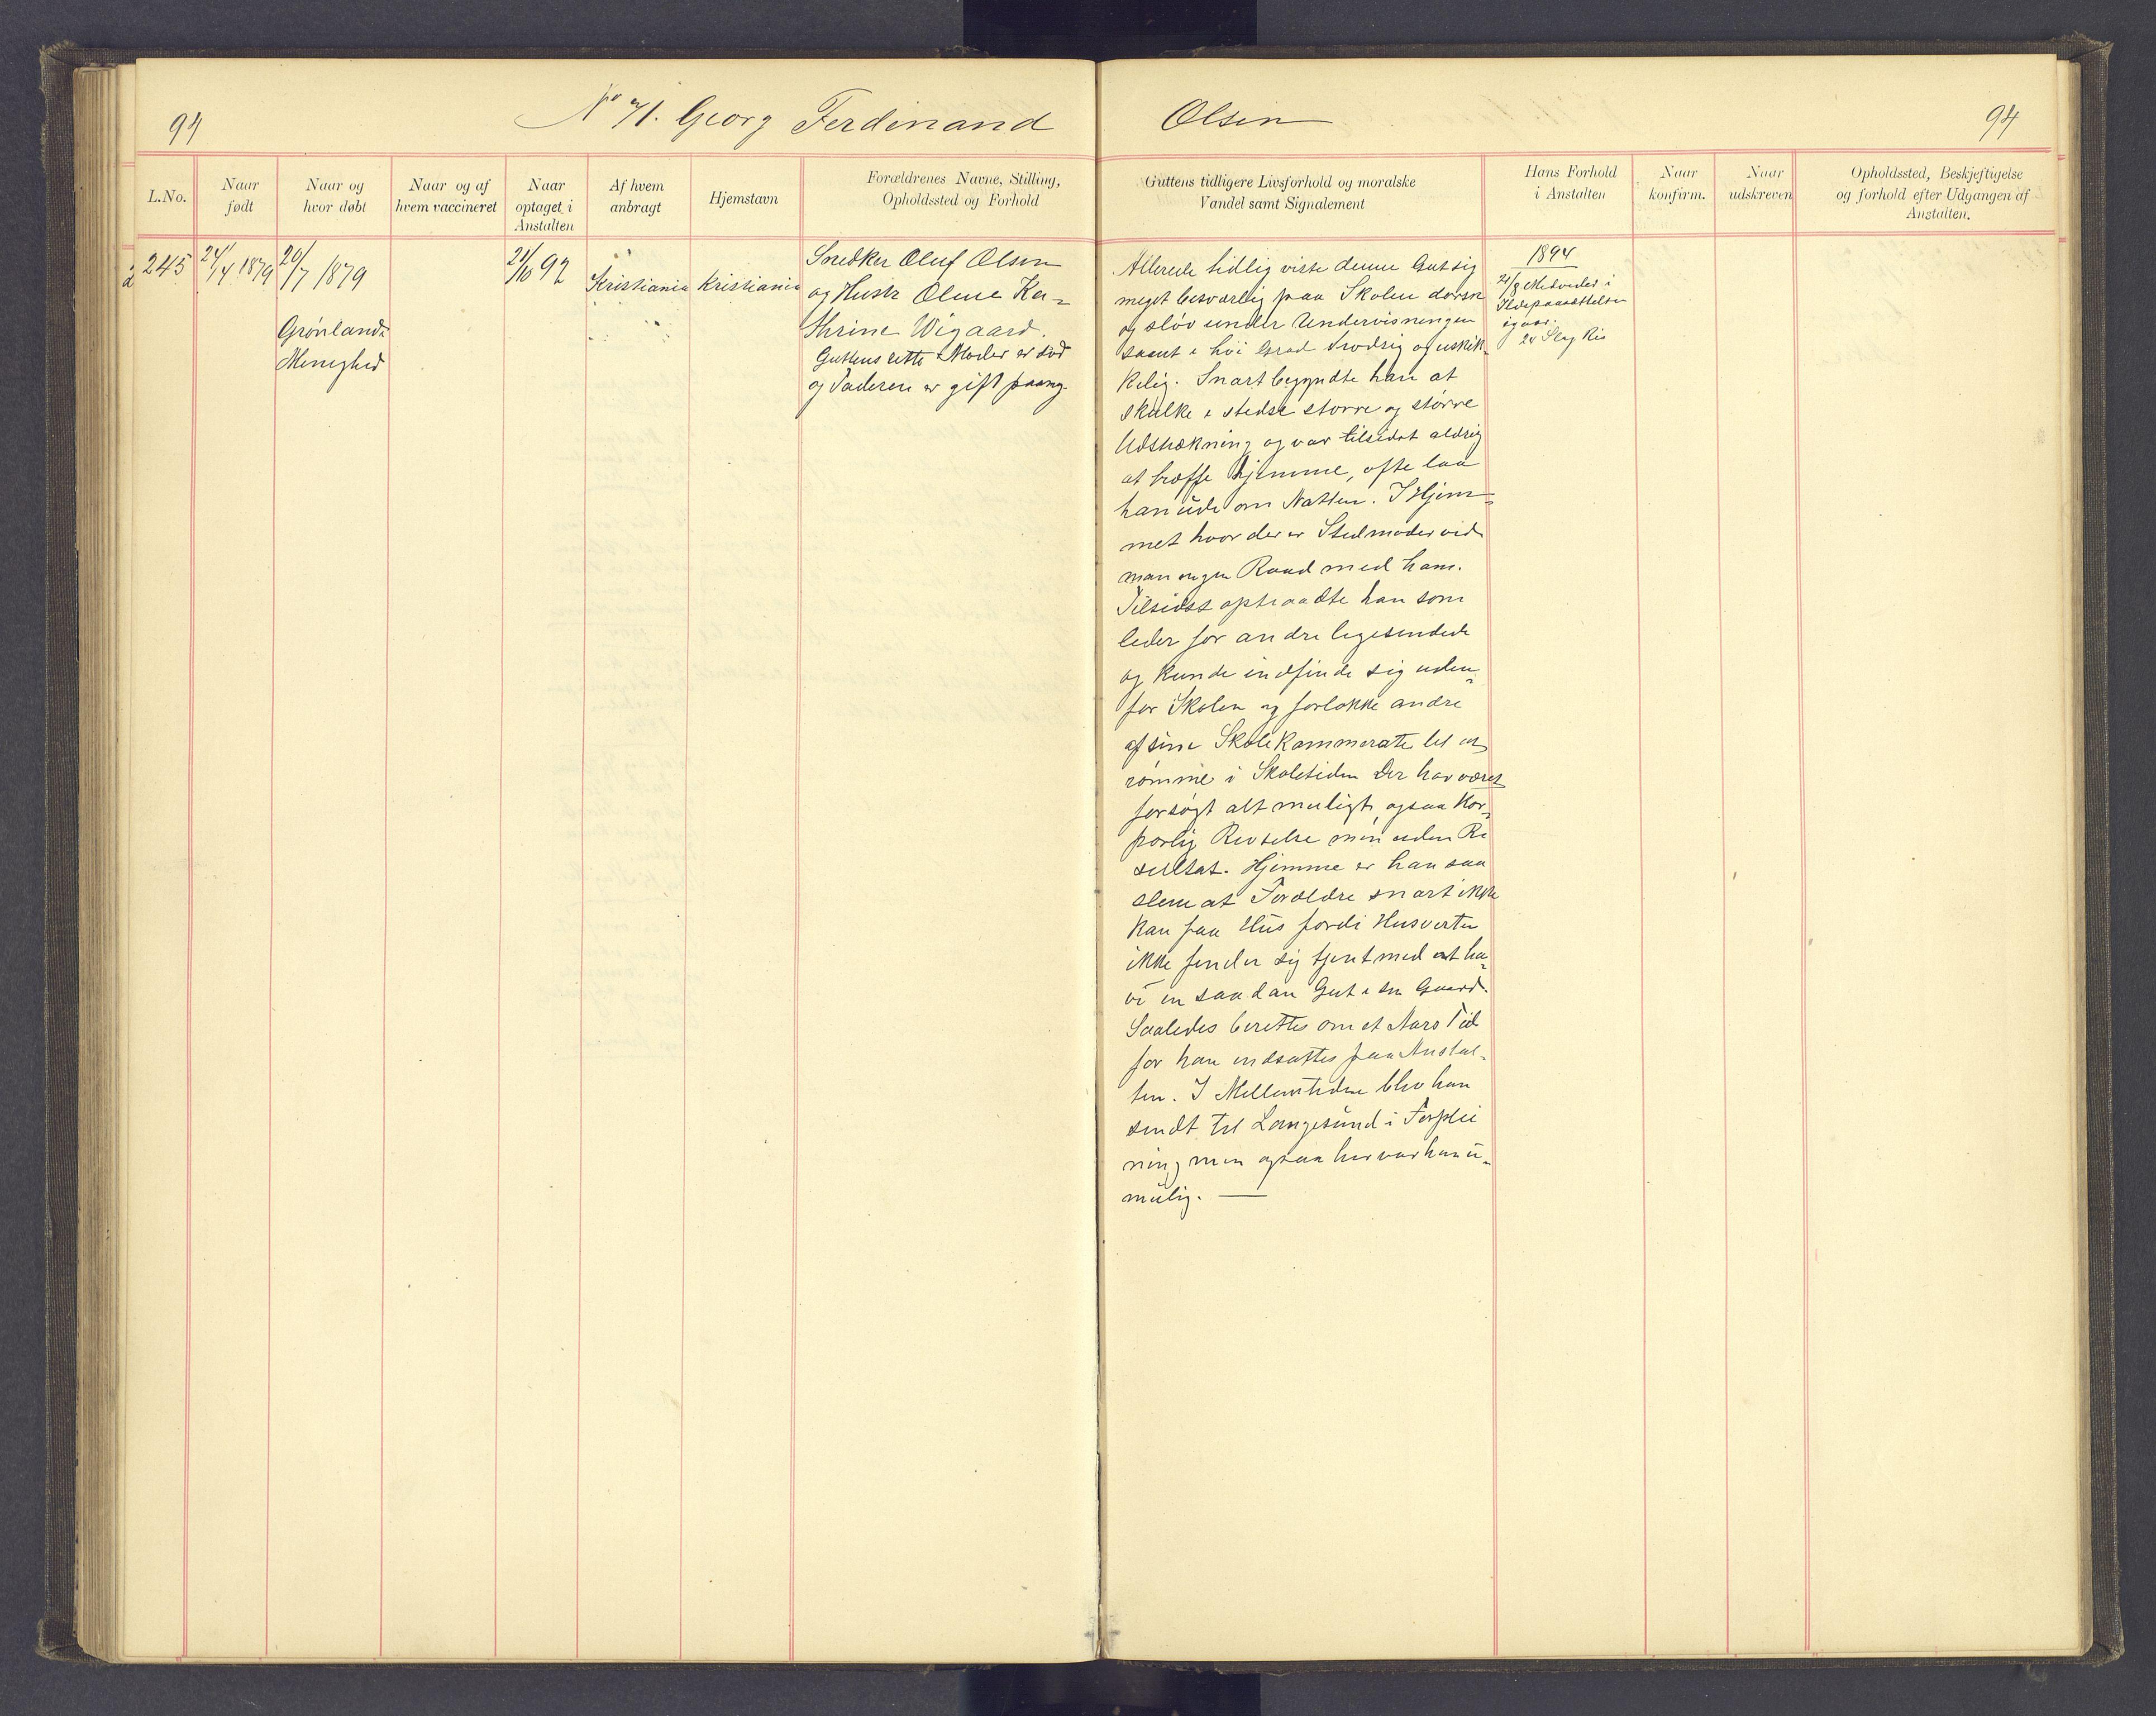 SAH, Toftes Gave, F/Fc/L0004: Elevprotokoll, 1885-1897, s. 94